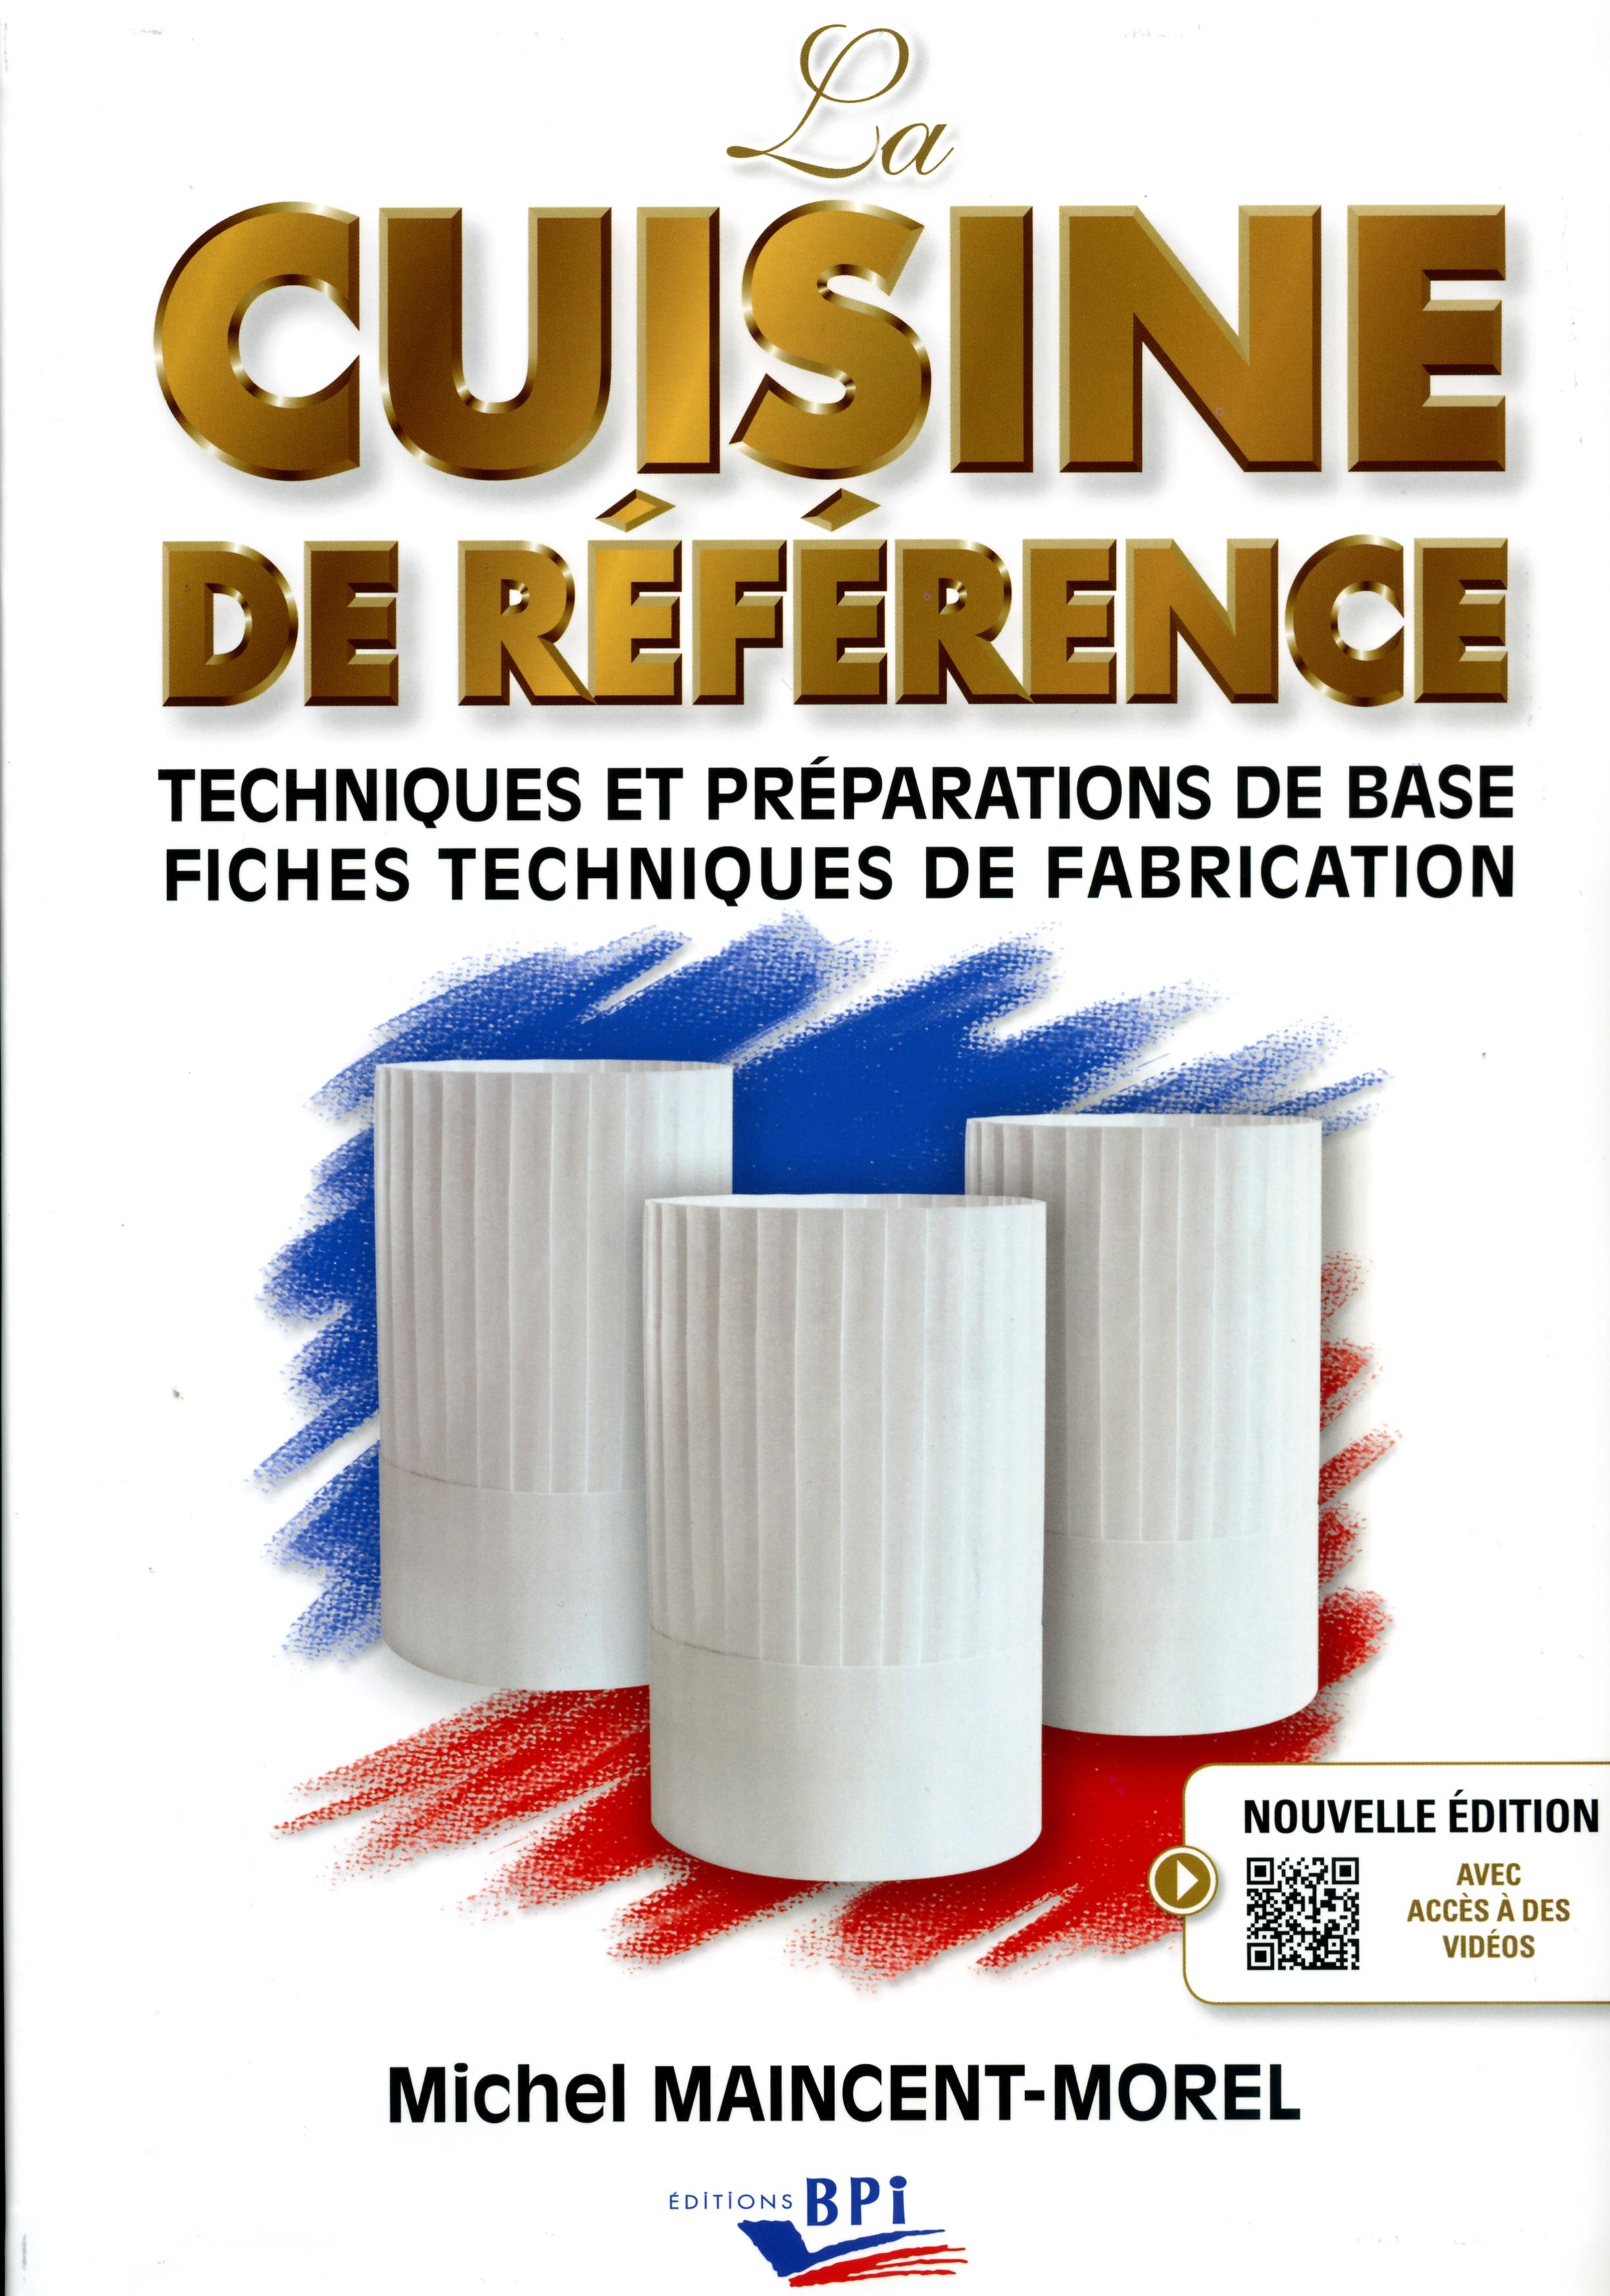 Bpi best practice inside editeur de formations en for Fiche technique de fabrication cuisine collective